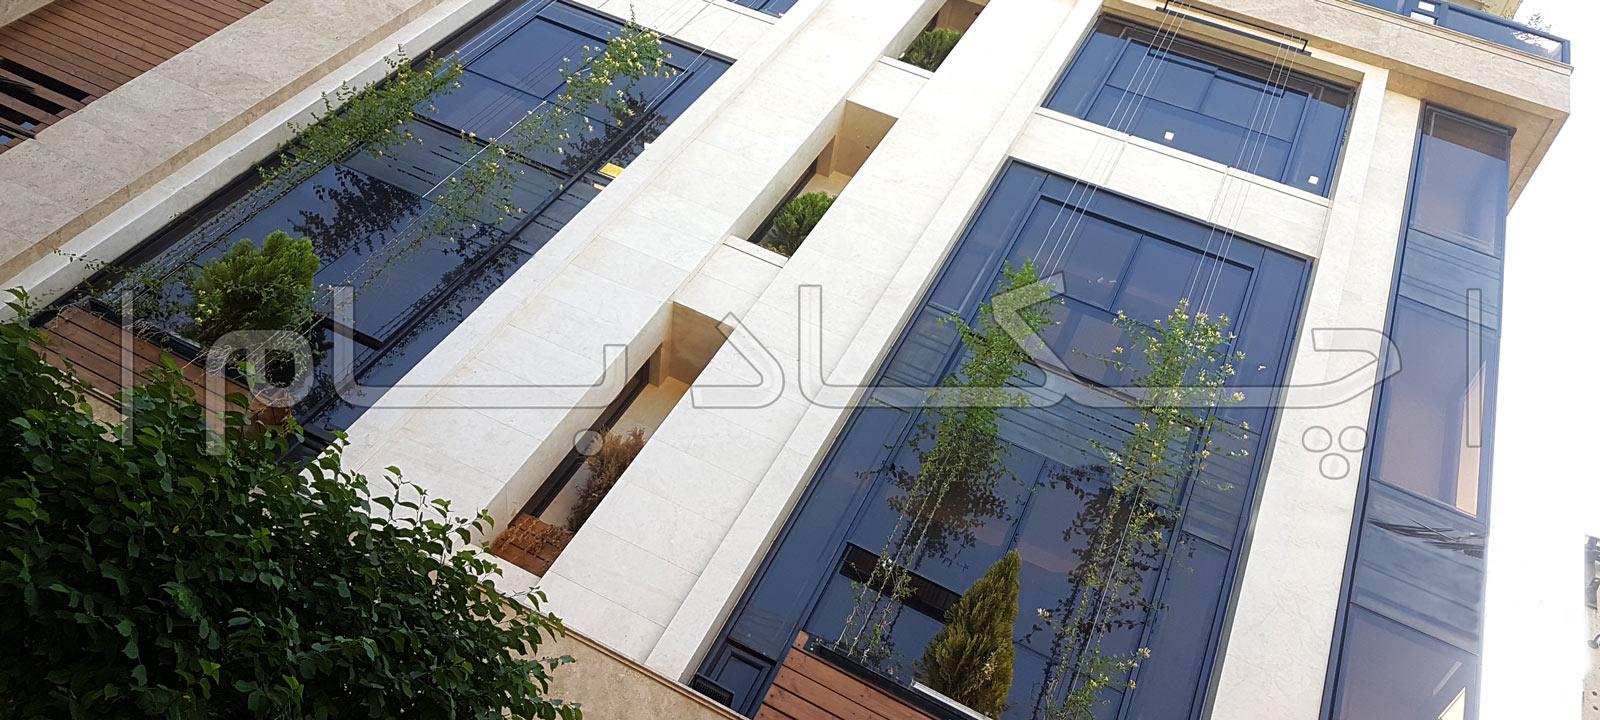 دیوار سبز نمای سبز ساختمان سنگ و شیشه و گیاه و چوب روی نما